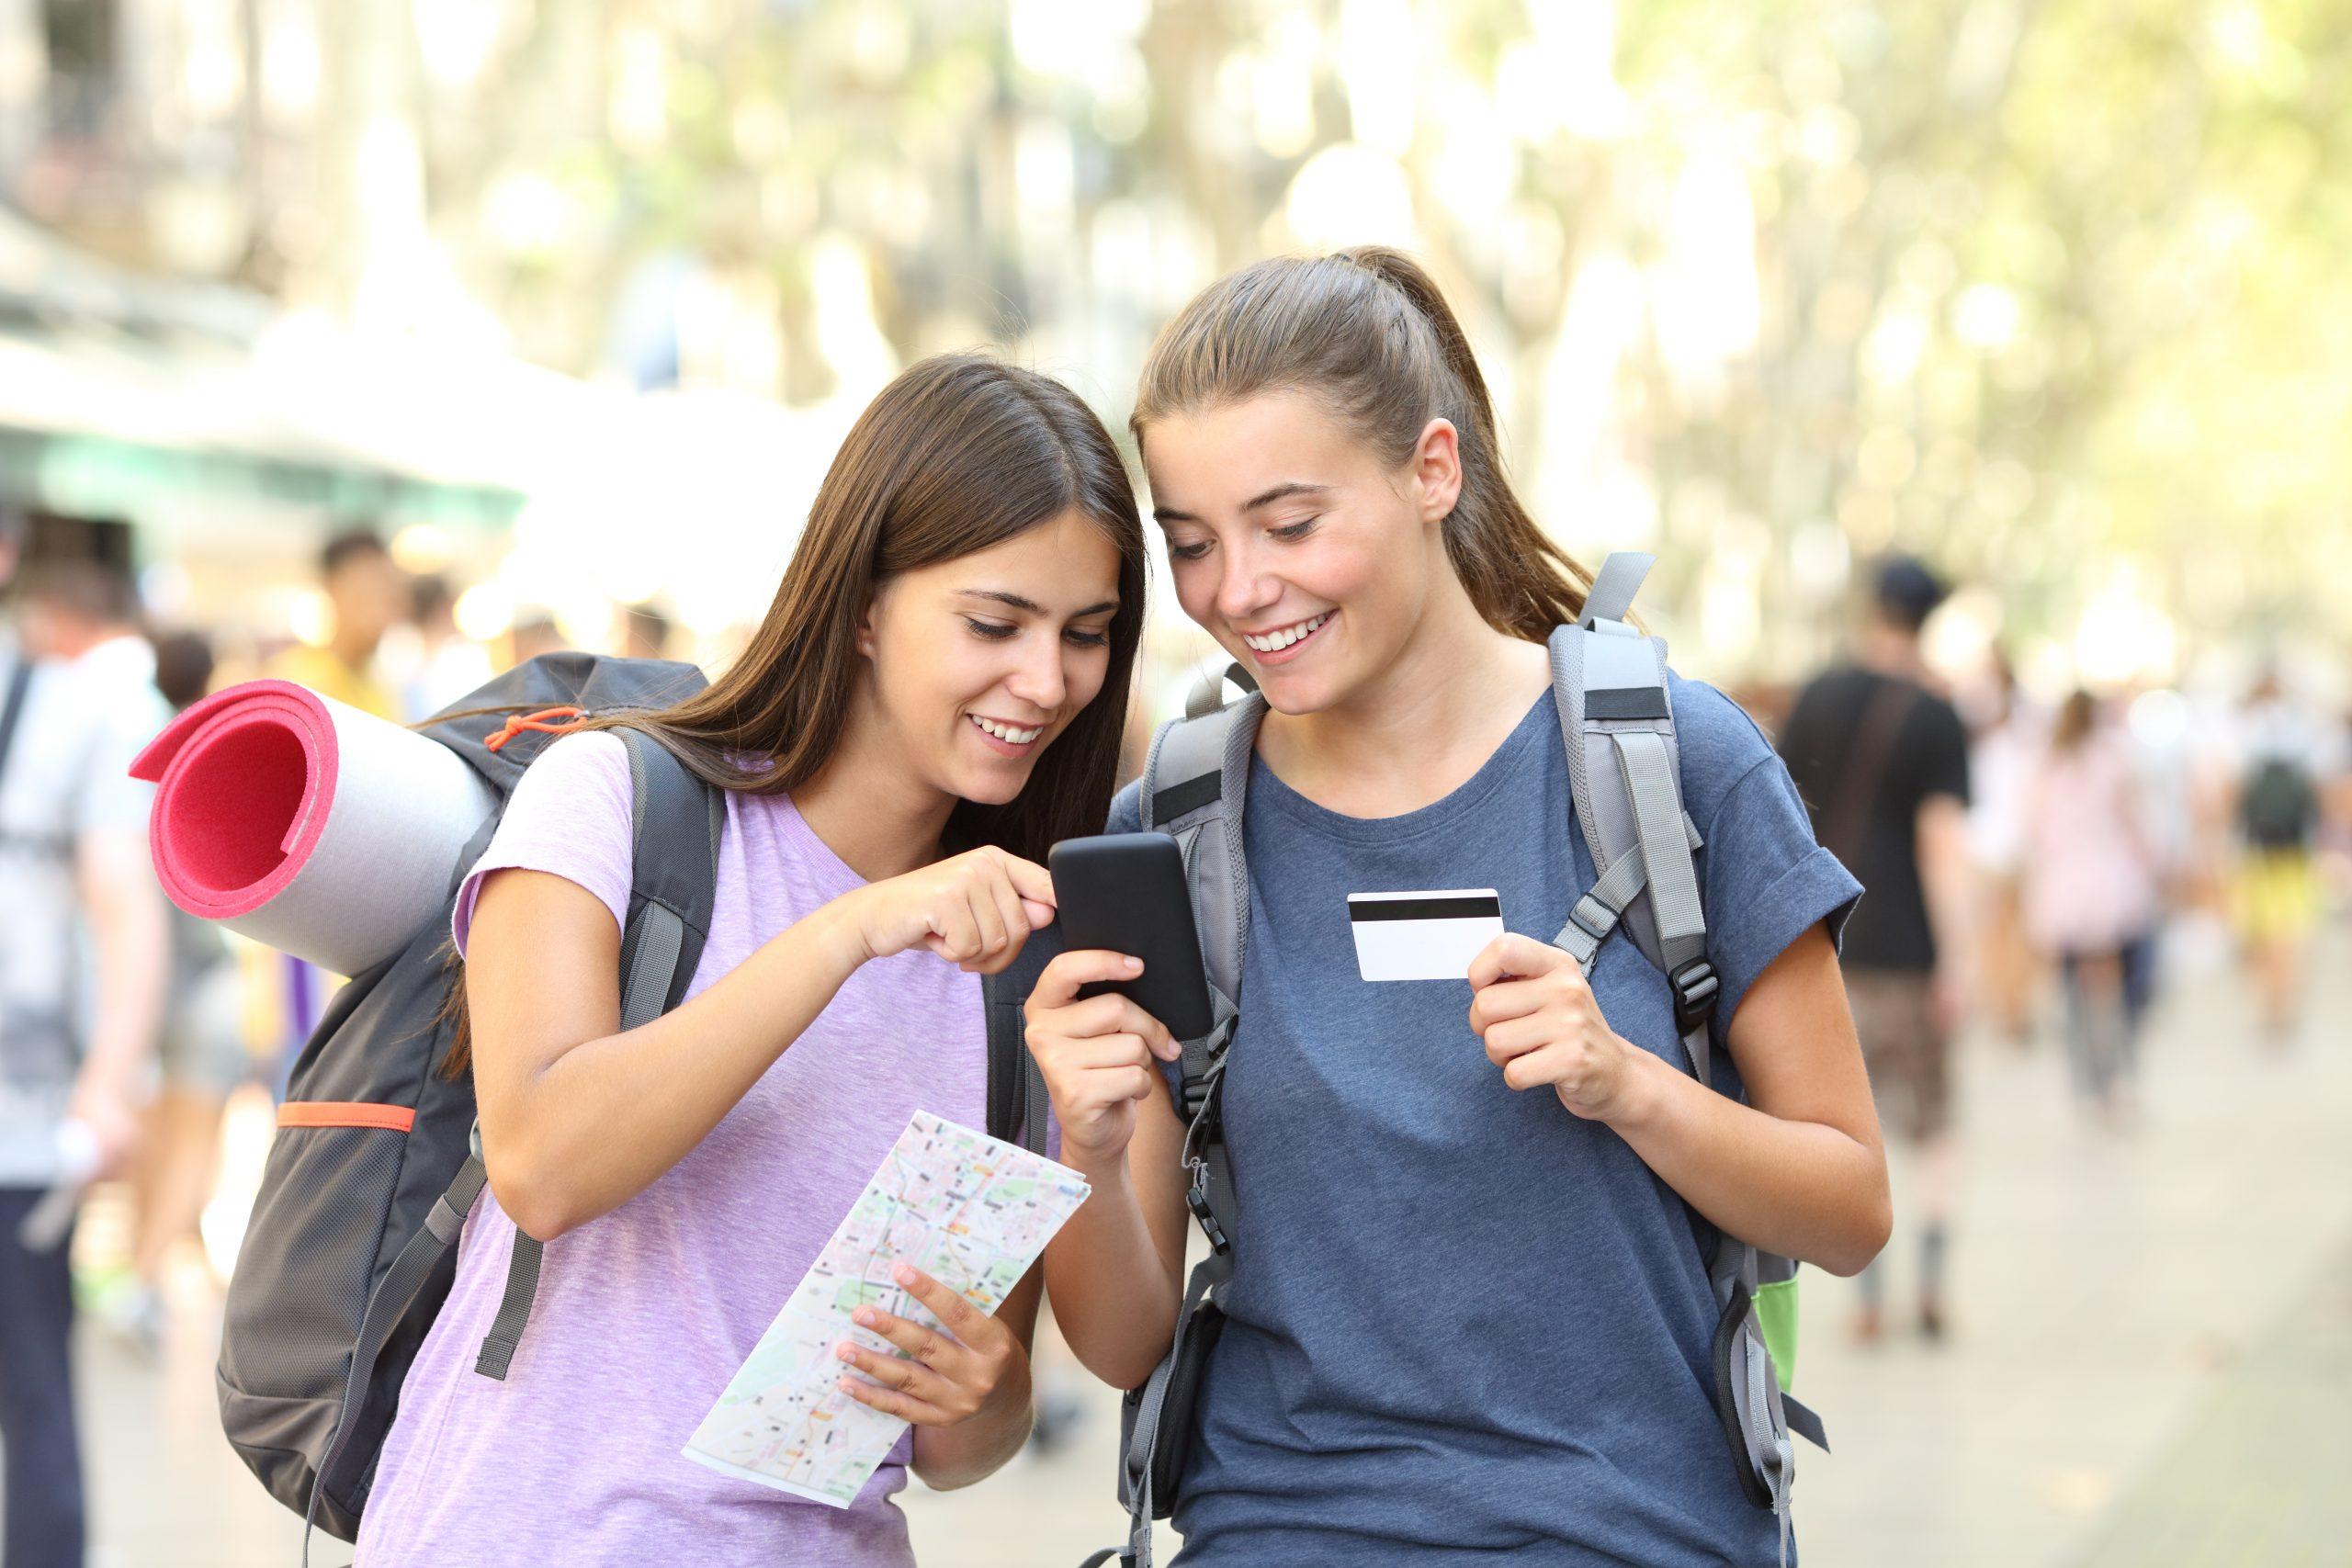 Comdirect Kreditkarte: Test & Empfehlungen (01/20)